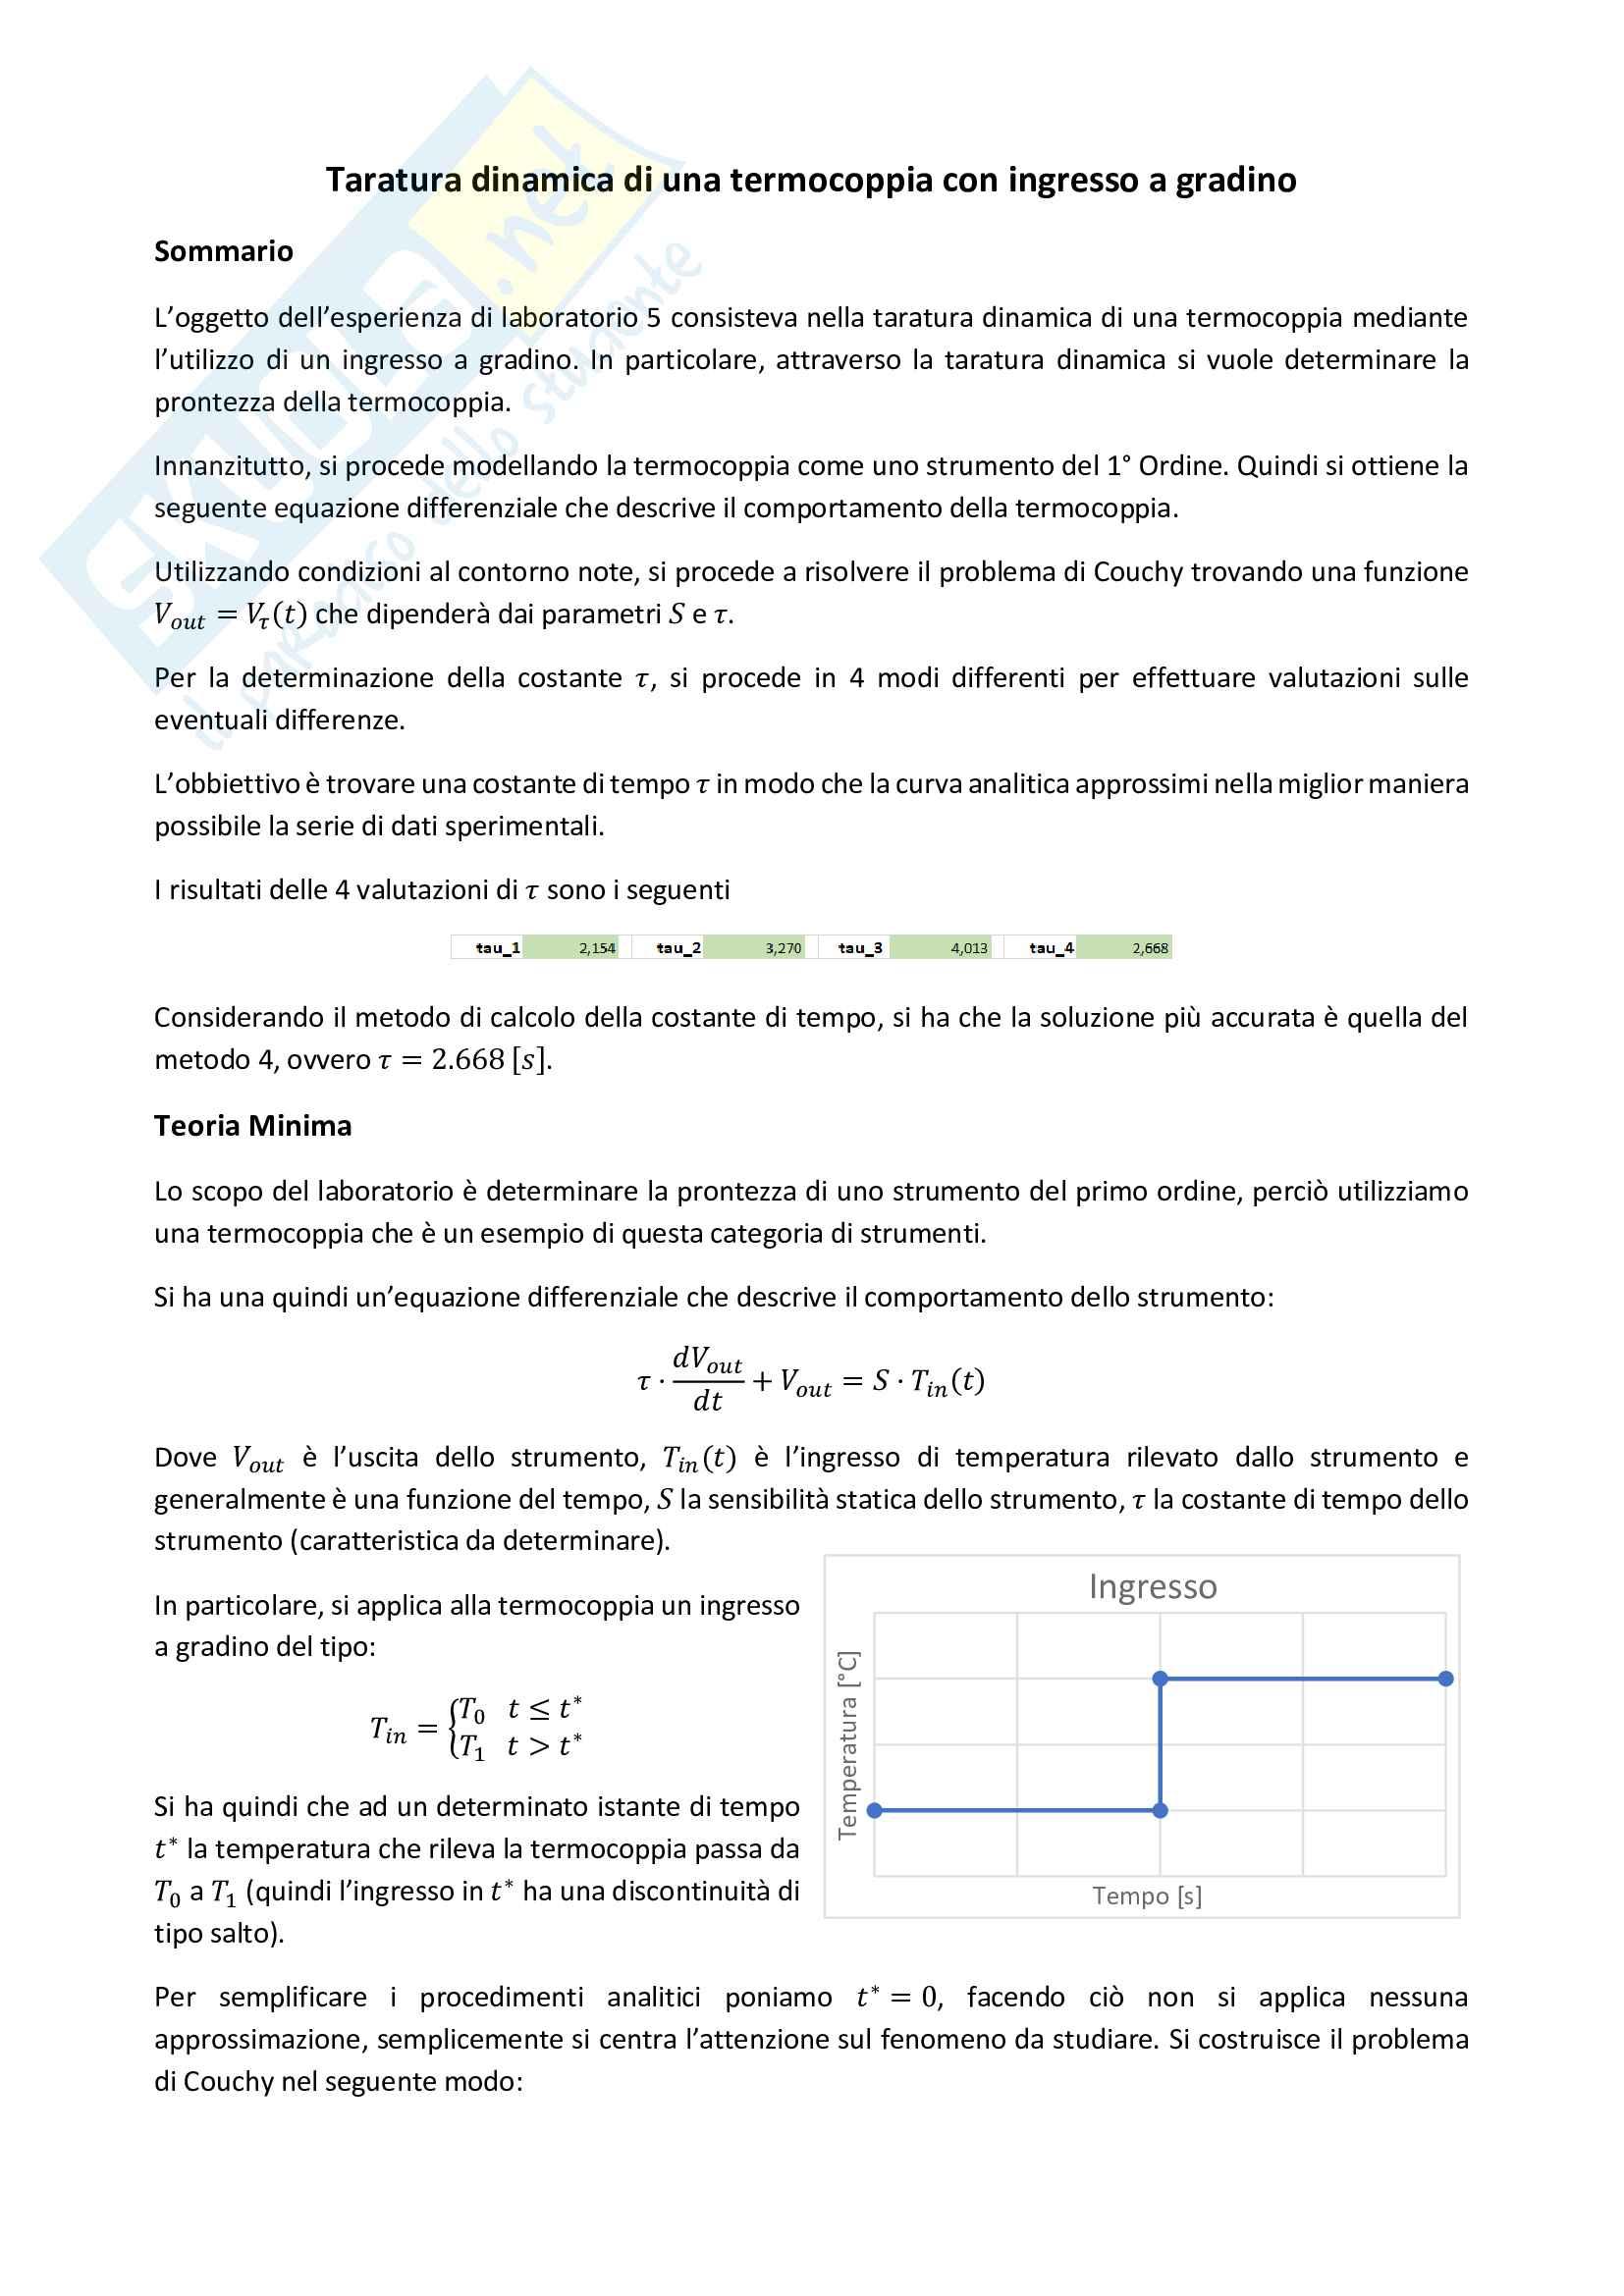 Relazione Laboratorio - Taratura Dinamica con Ingresso a Gradino - Strumento I Ordine